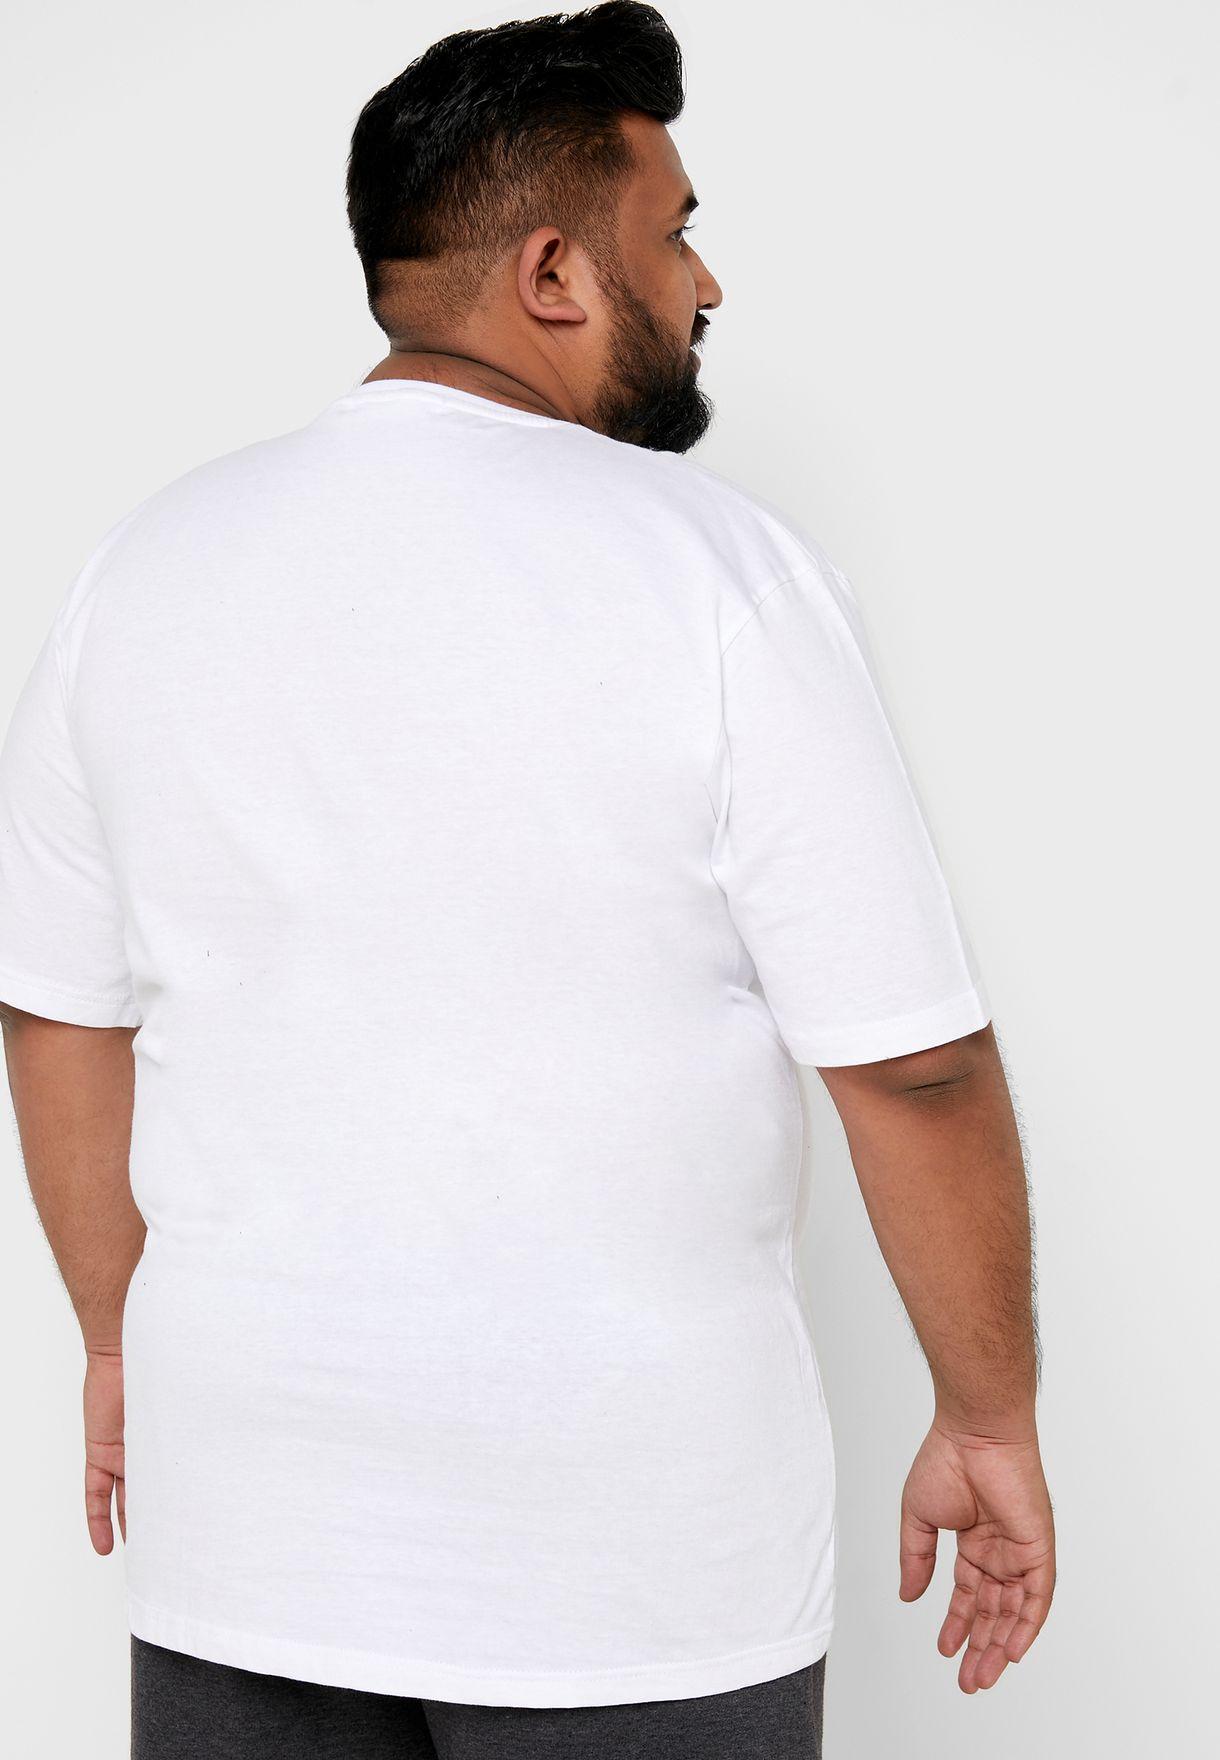 Plus Size Print T Shirt